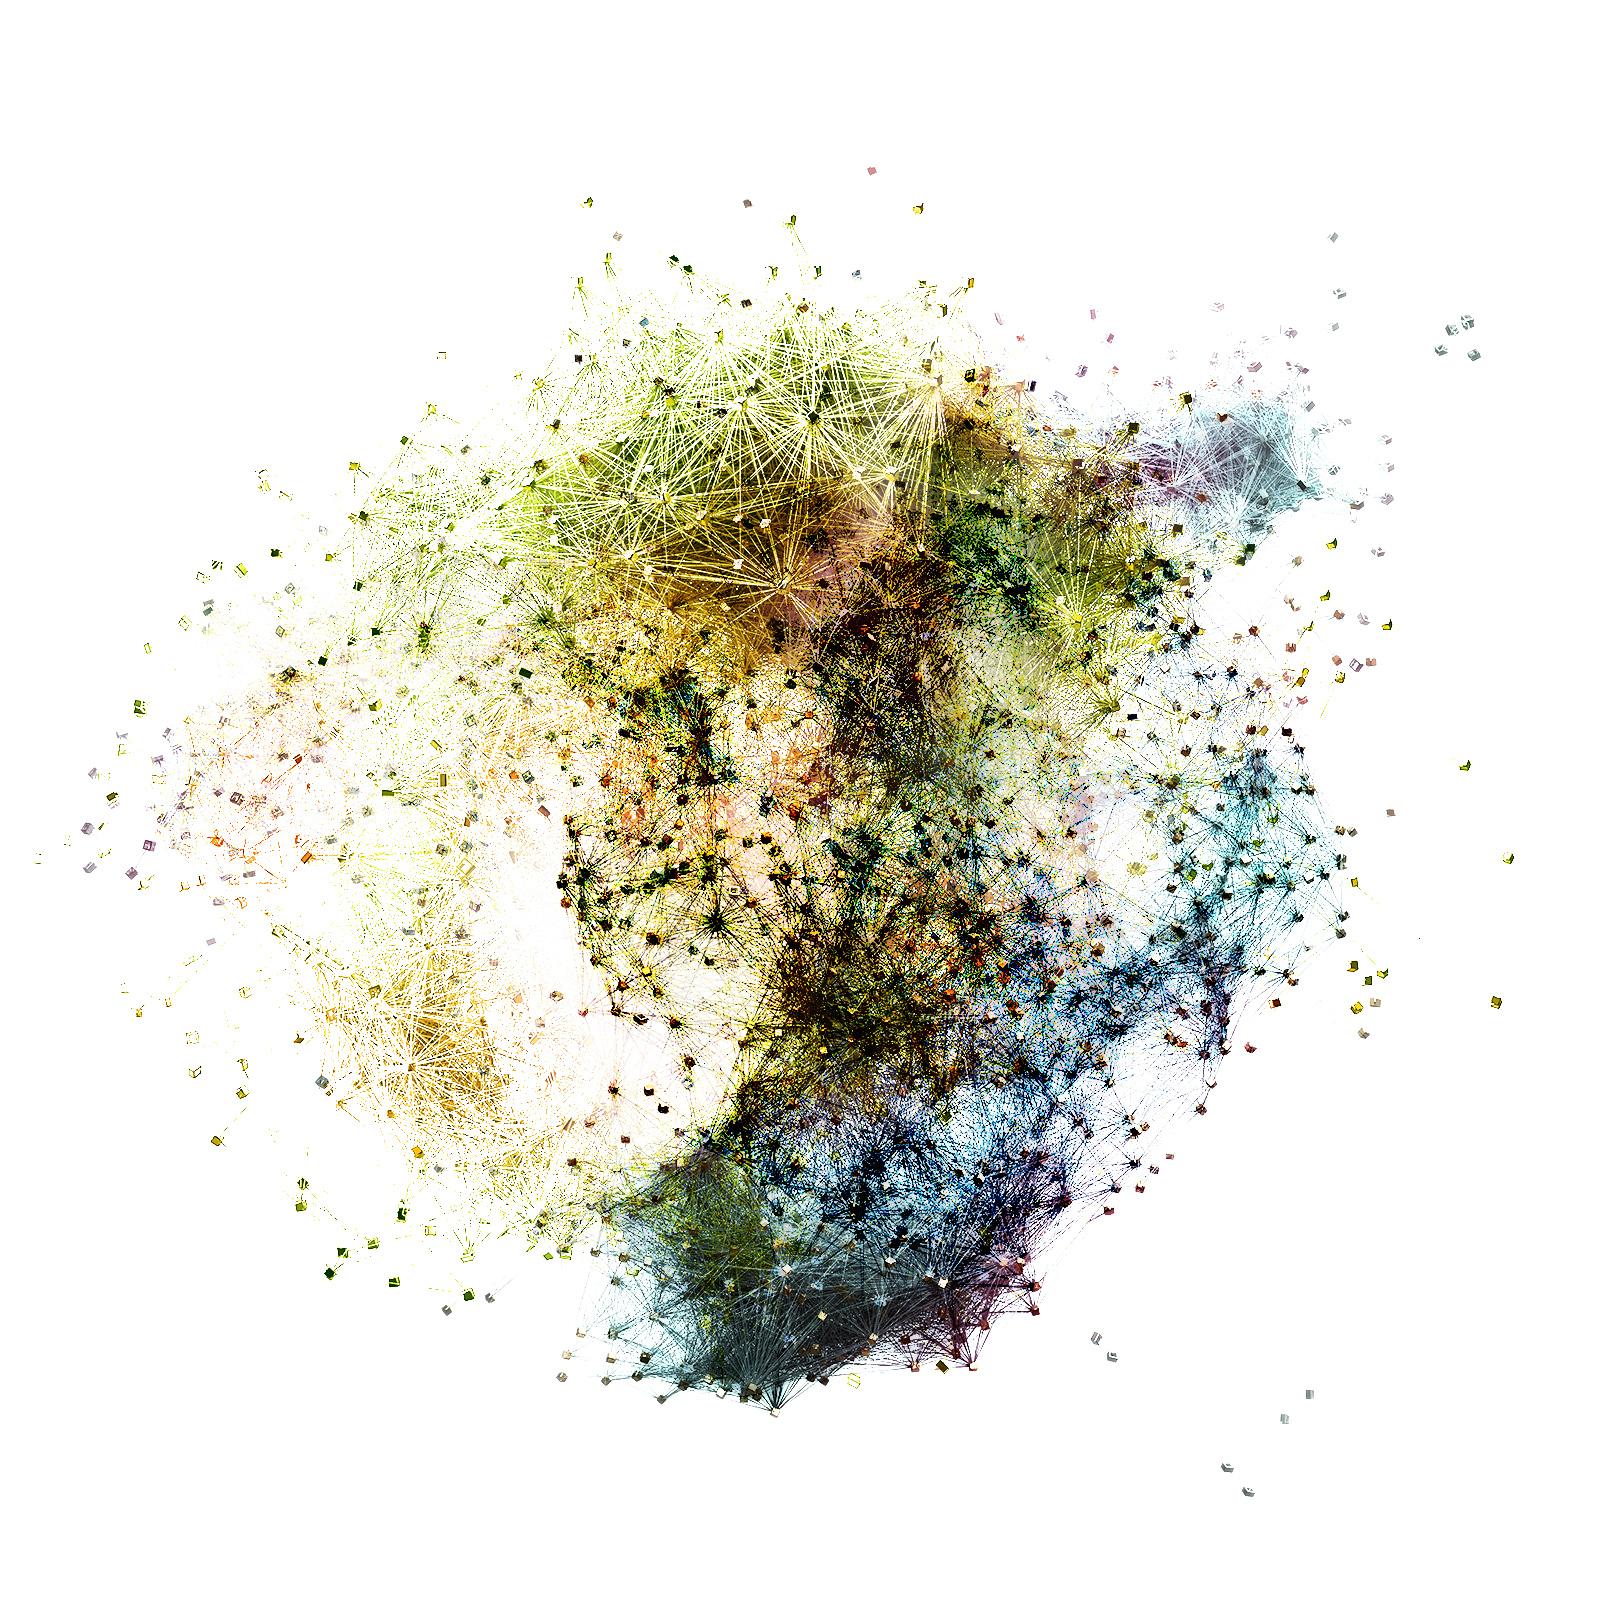 overlap-09-cluster-000.jpg